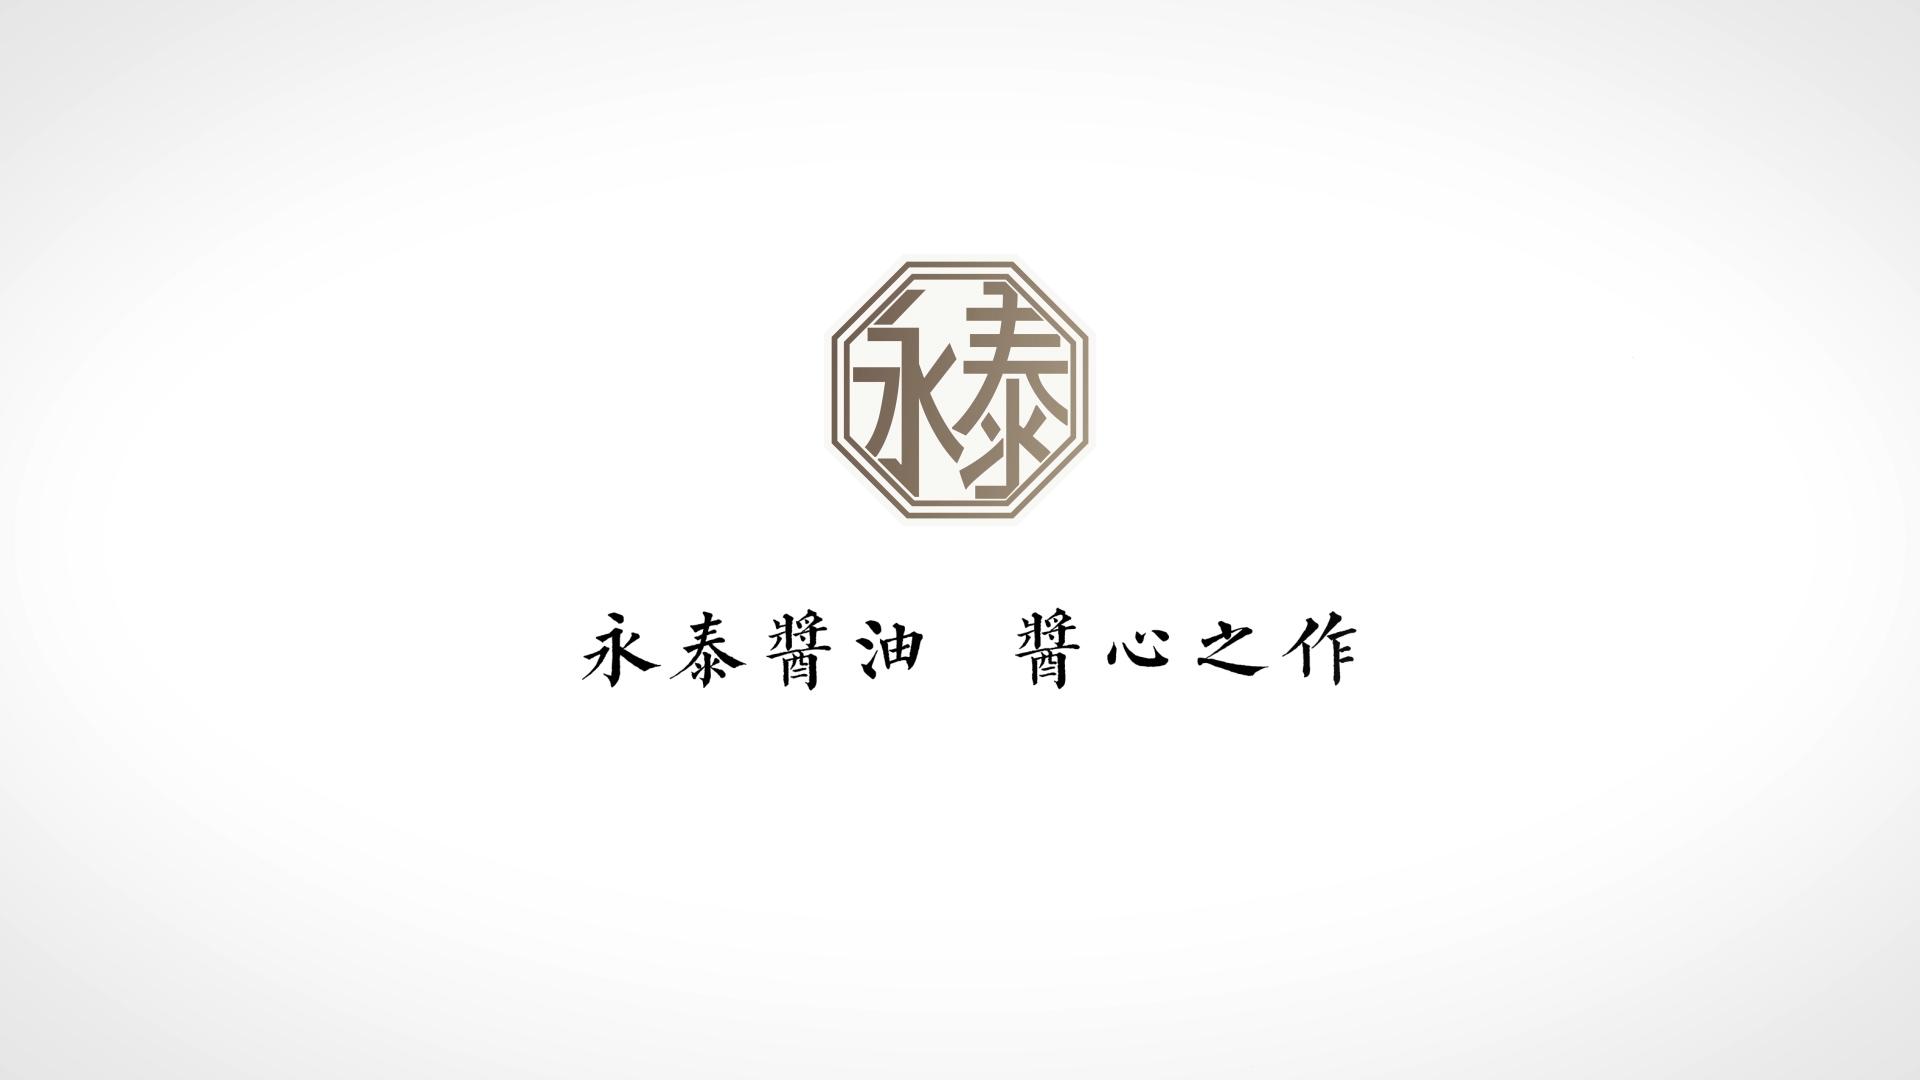 永泰酱油企业形象片